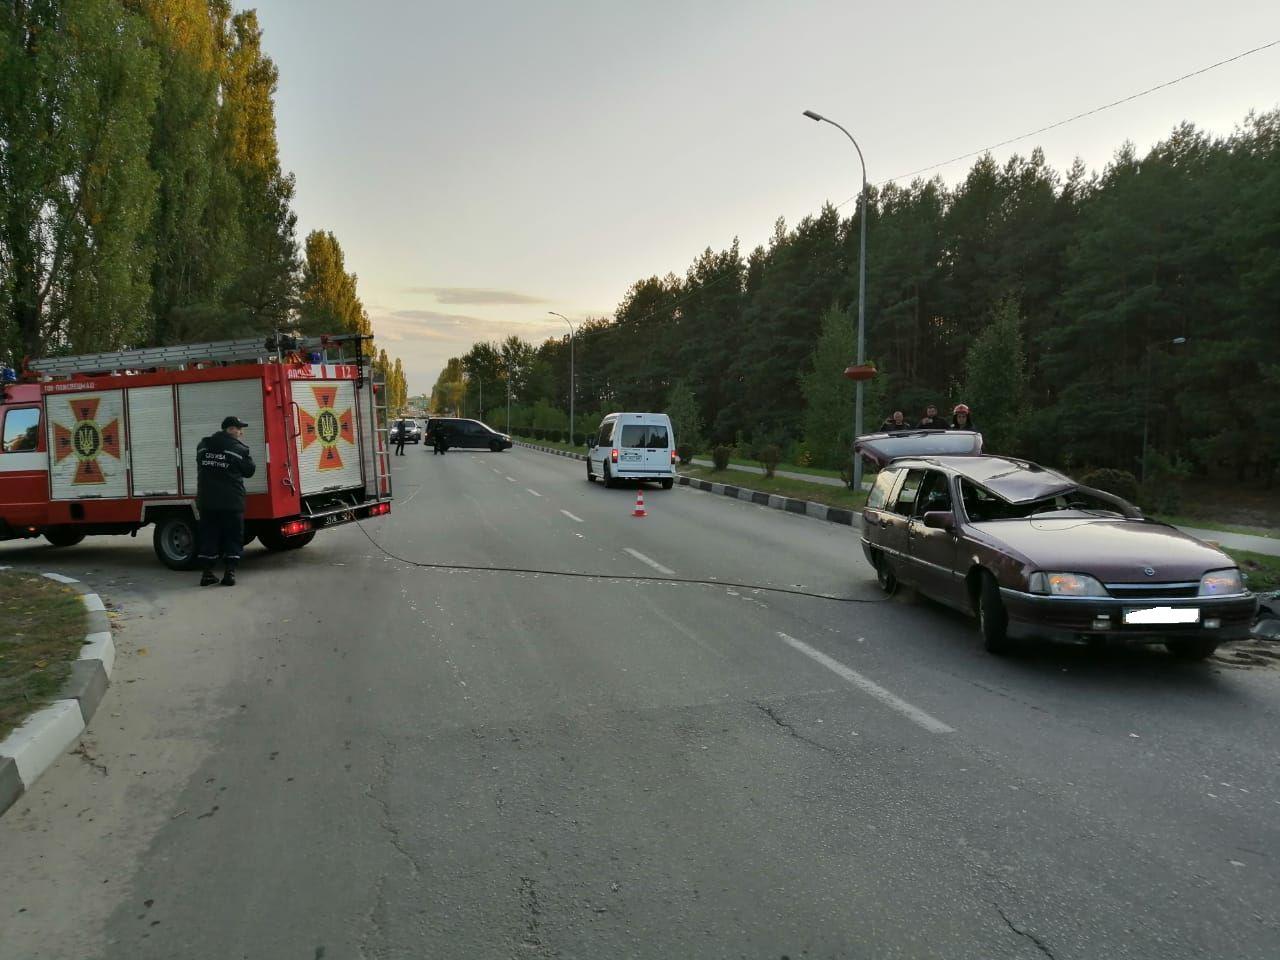 Вараські рятувальники допомогли працівникам поліції